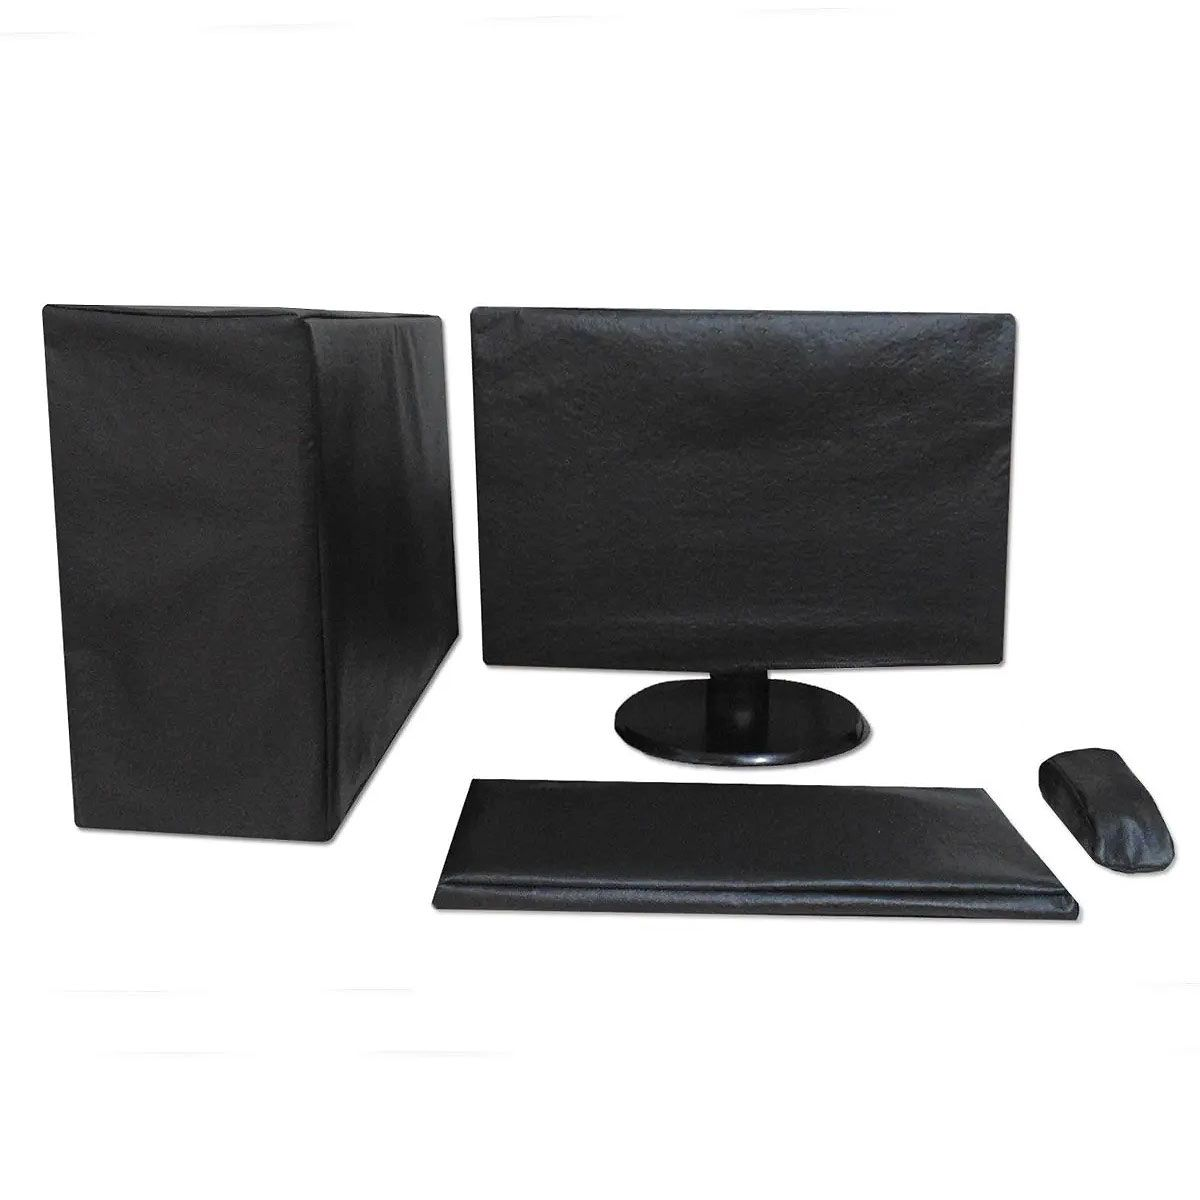 Kit Capa Para Cpu, Monitor, Teclado E Mouse - Sob Medida